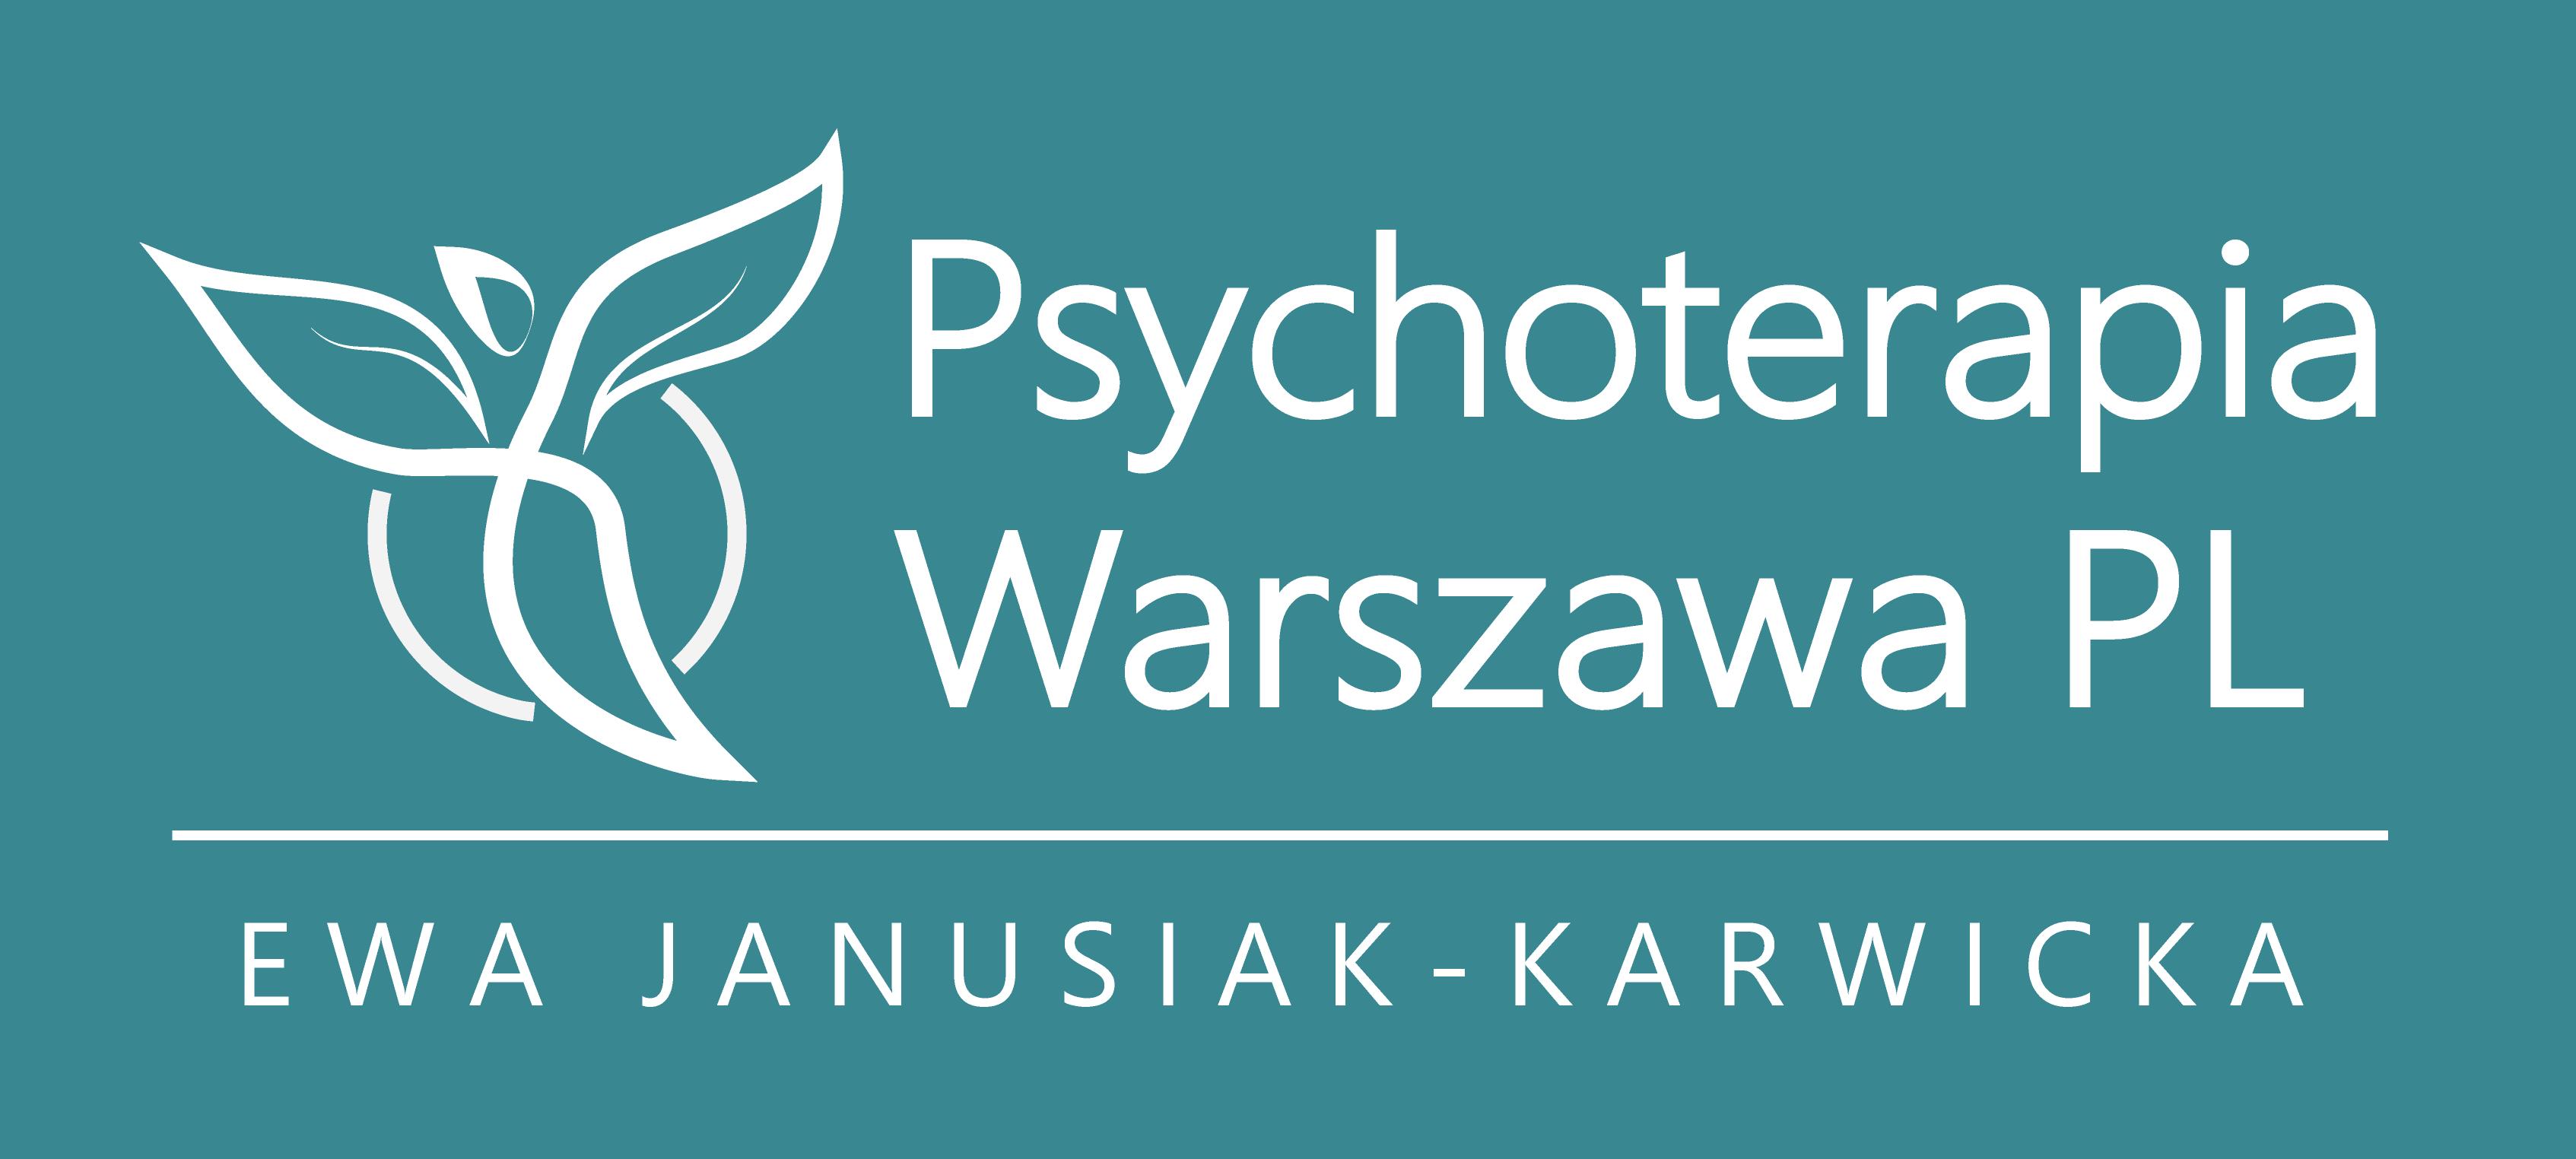 Psychoterapia - Warszawa .PL